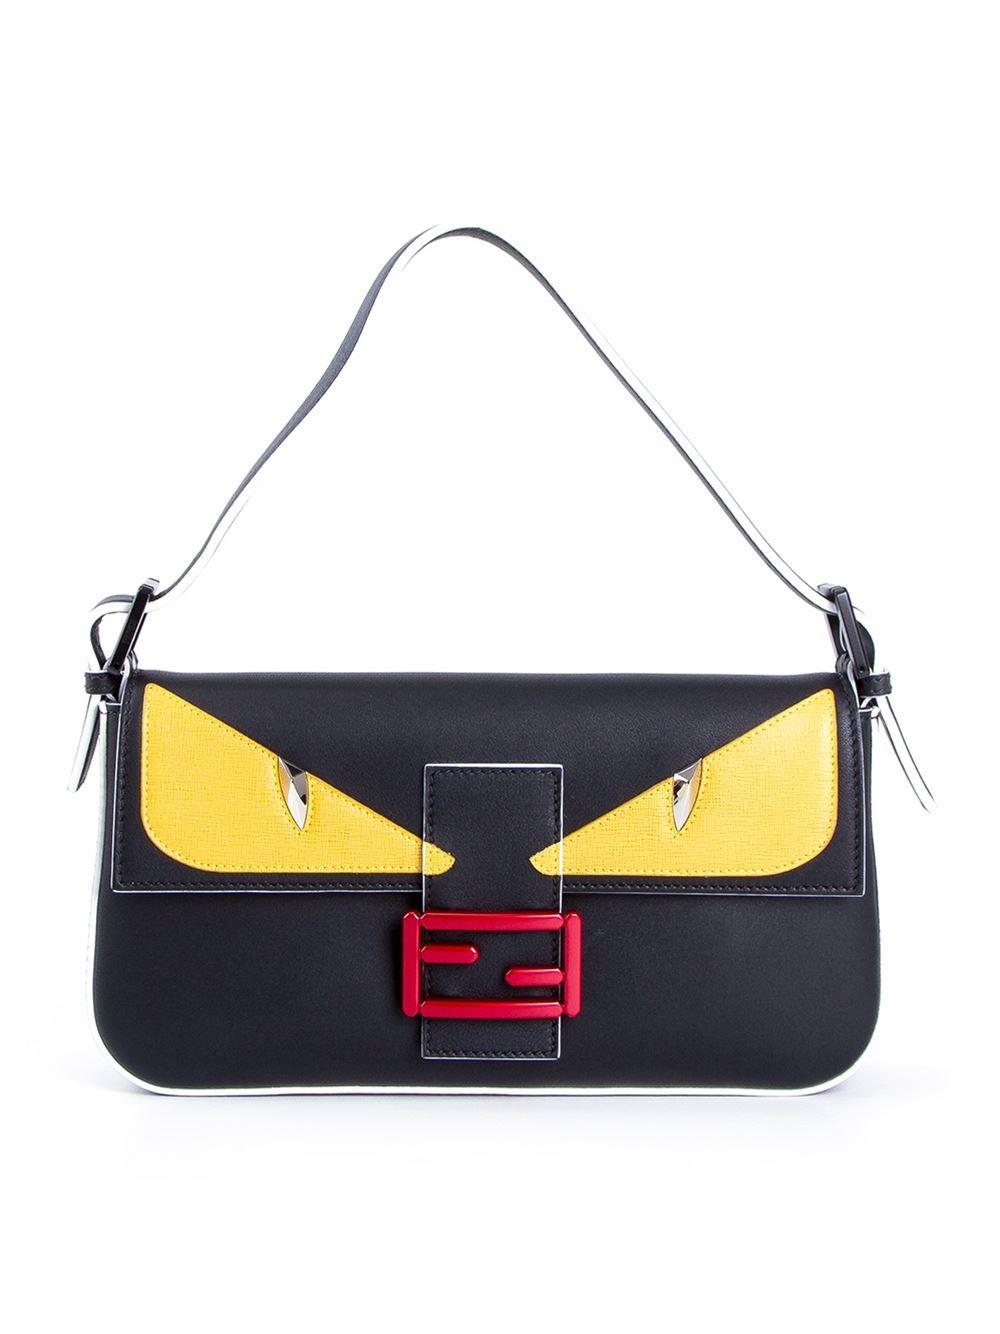 94cbac4e3851 ... purchase lyst fendi baguette bag in black c2096 ff968